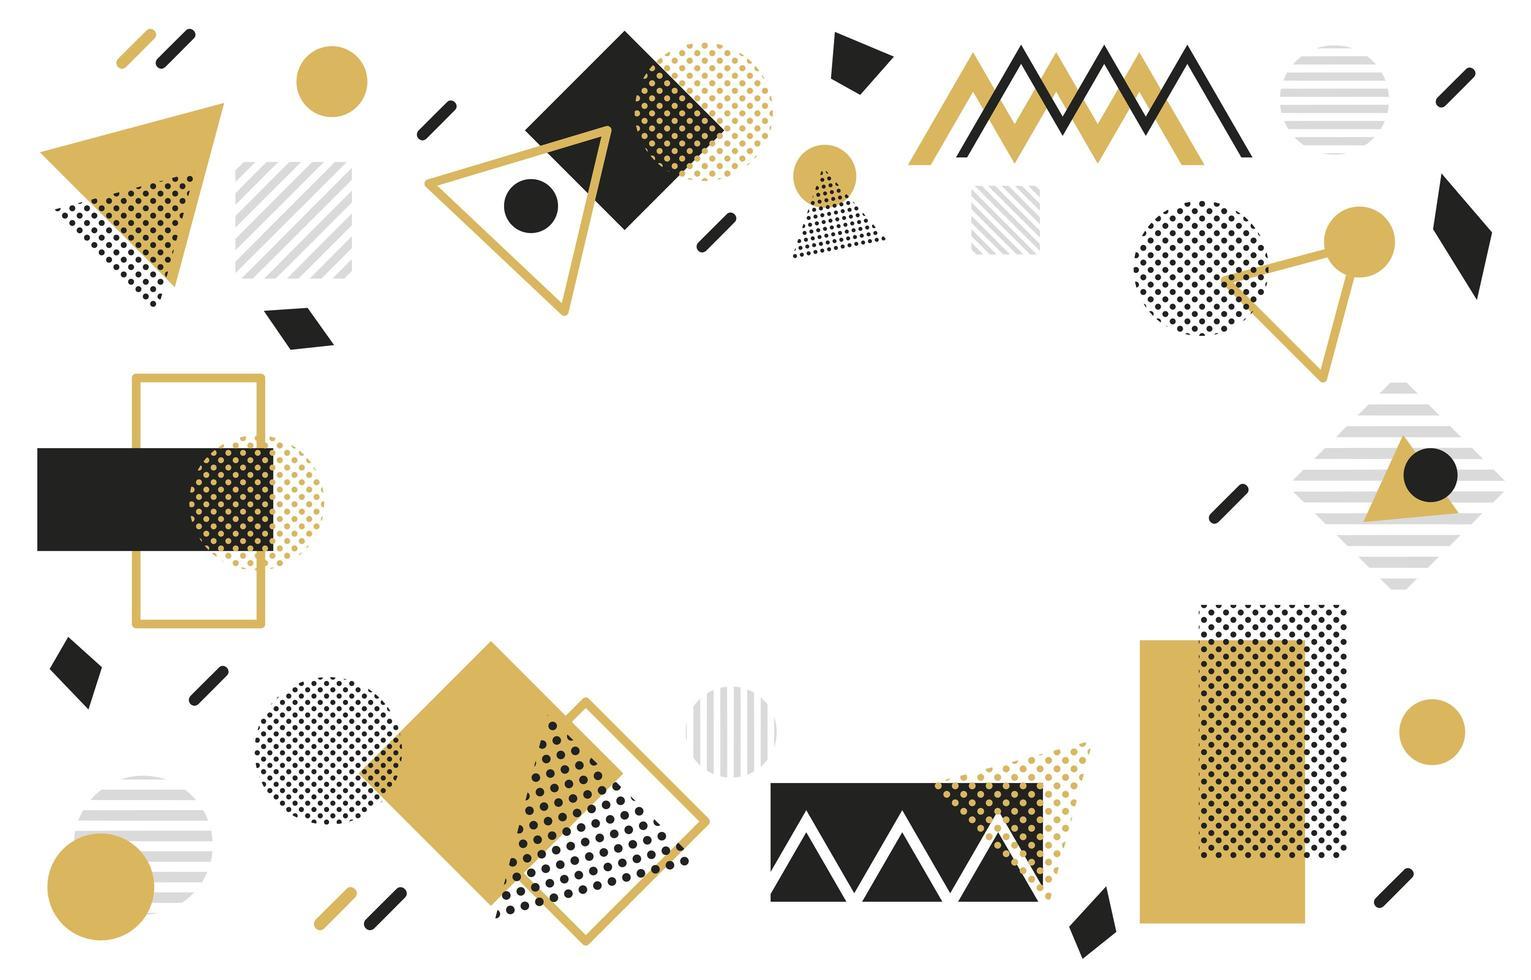 fundo geométrico dourado e preto vetor